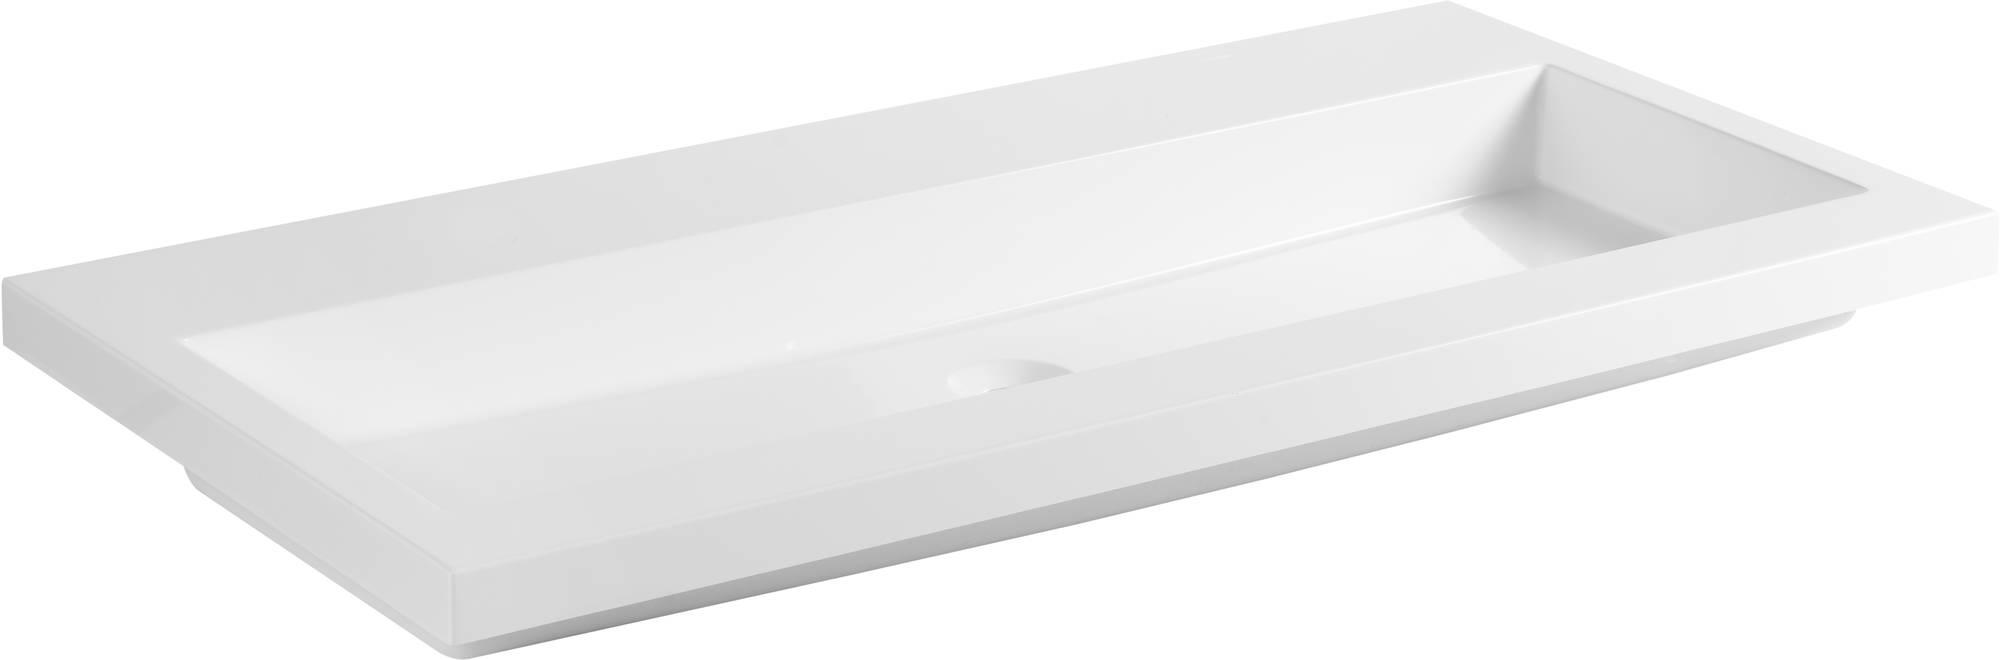 Ben Straight Wastafel zonder kraangaten 100x51 cm Wit